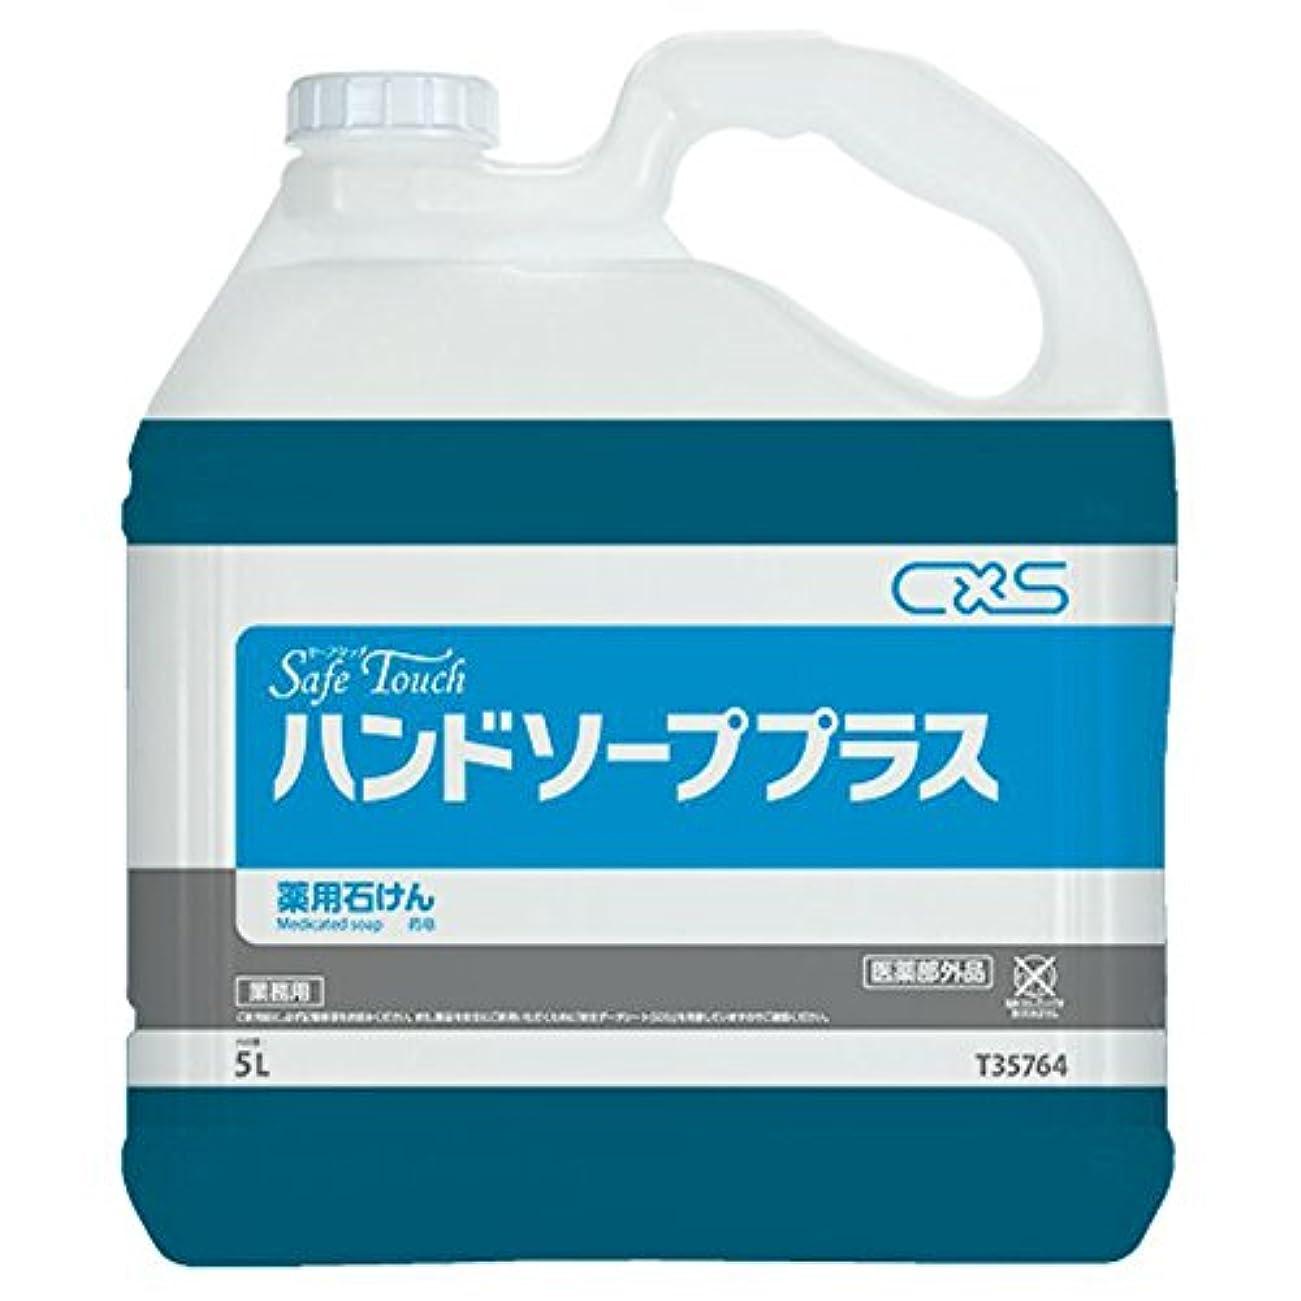 後者特殊気になるシーバイエス(C×S) 手洗い用石鹸 セーフタッチハンドソーププラス 5L